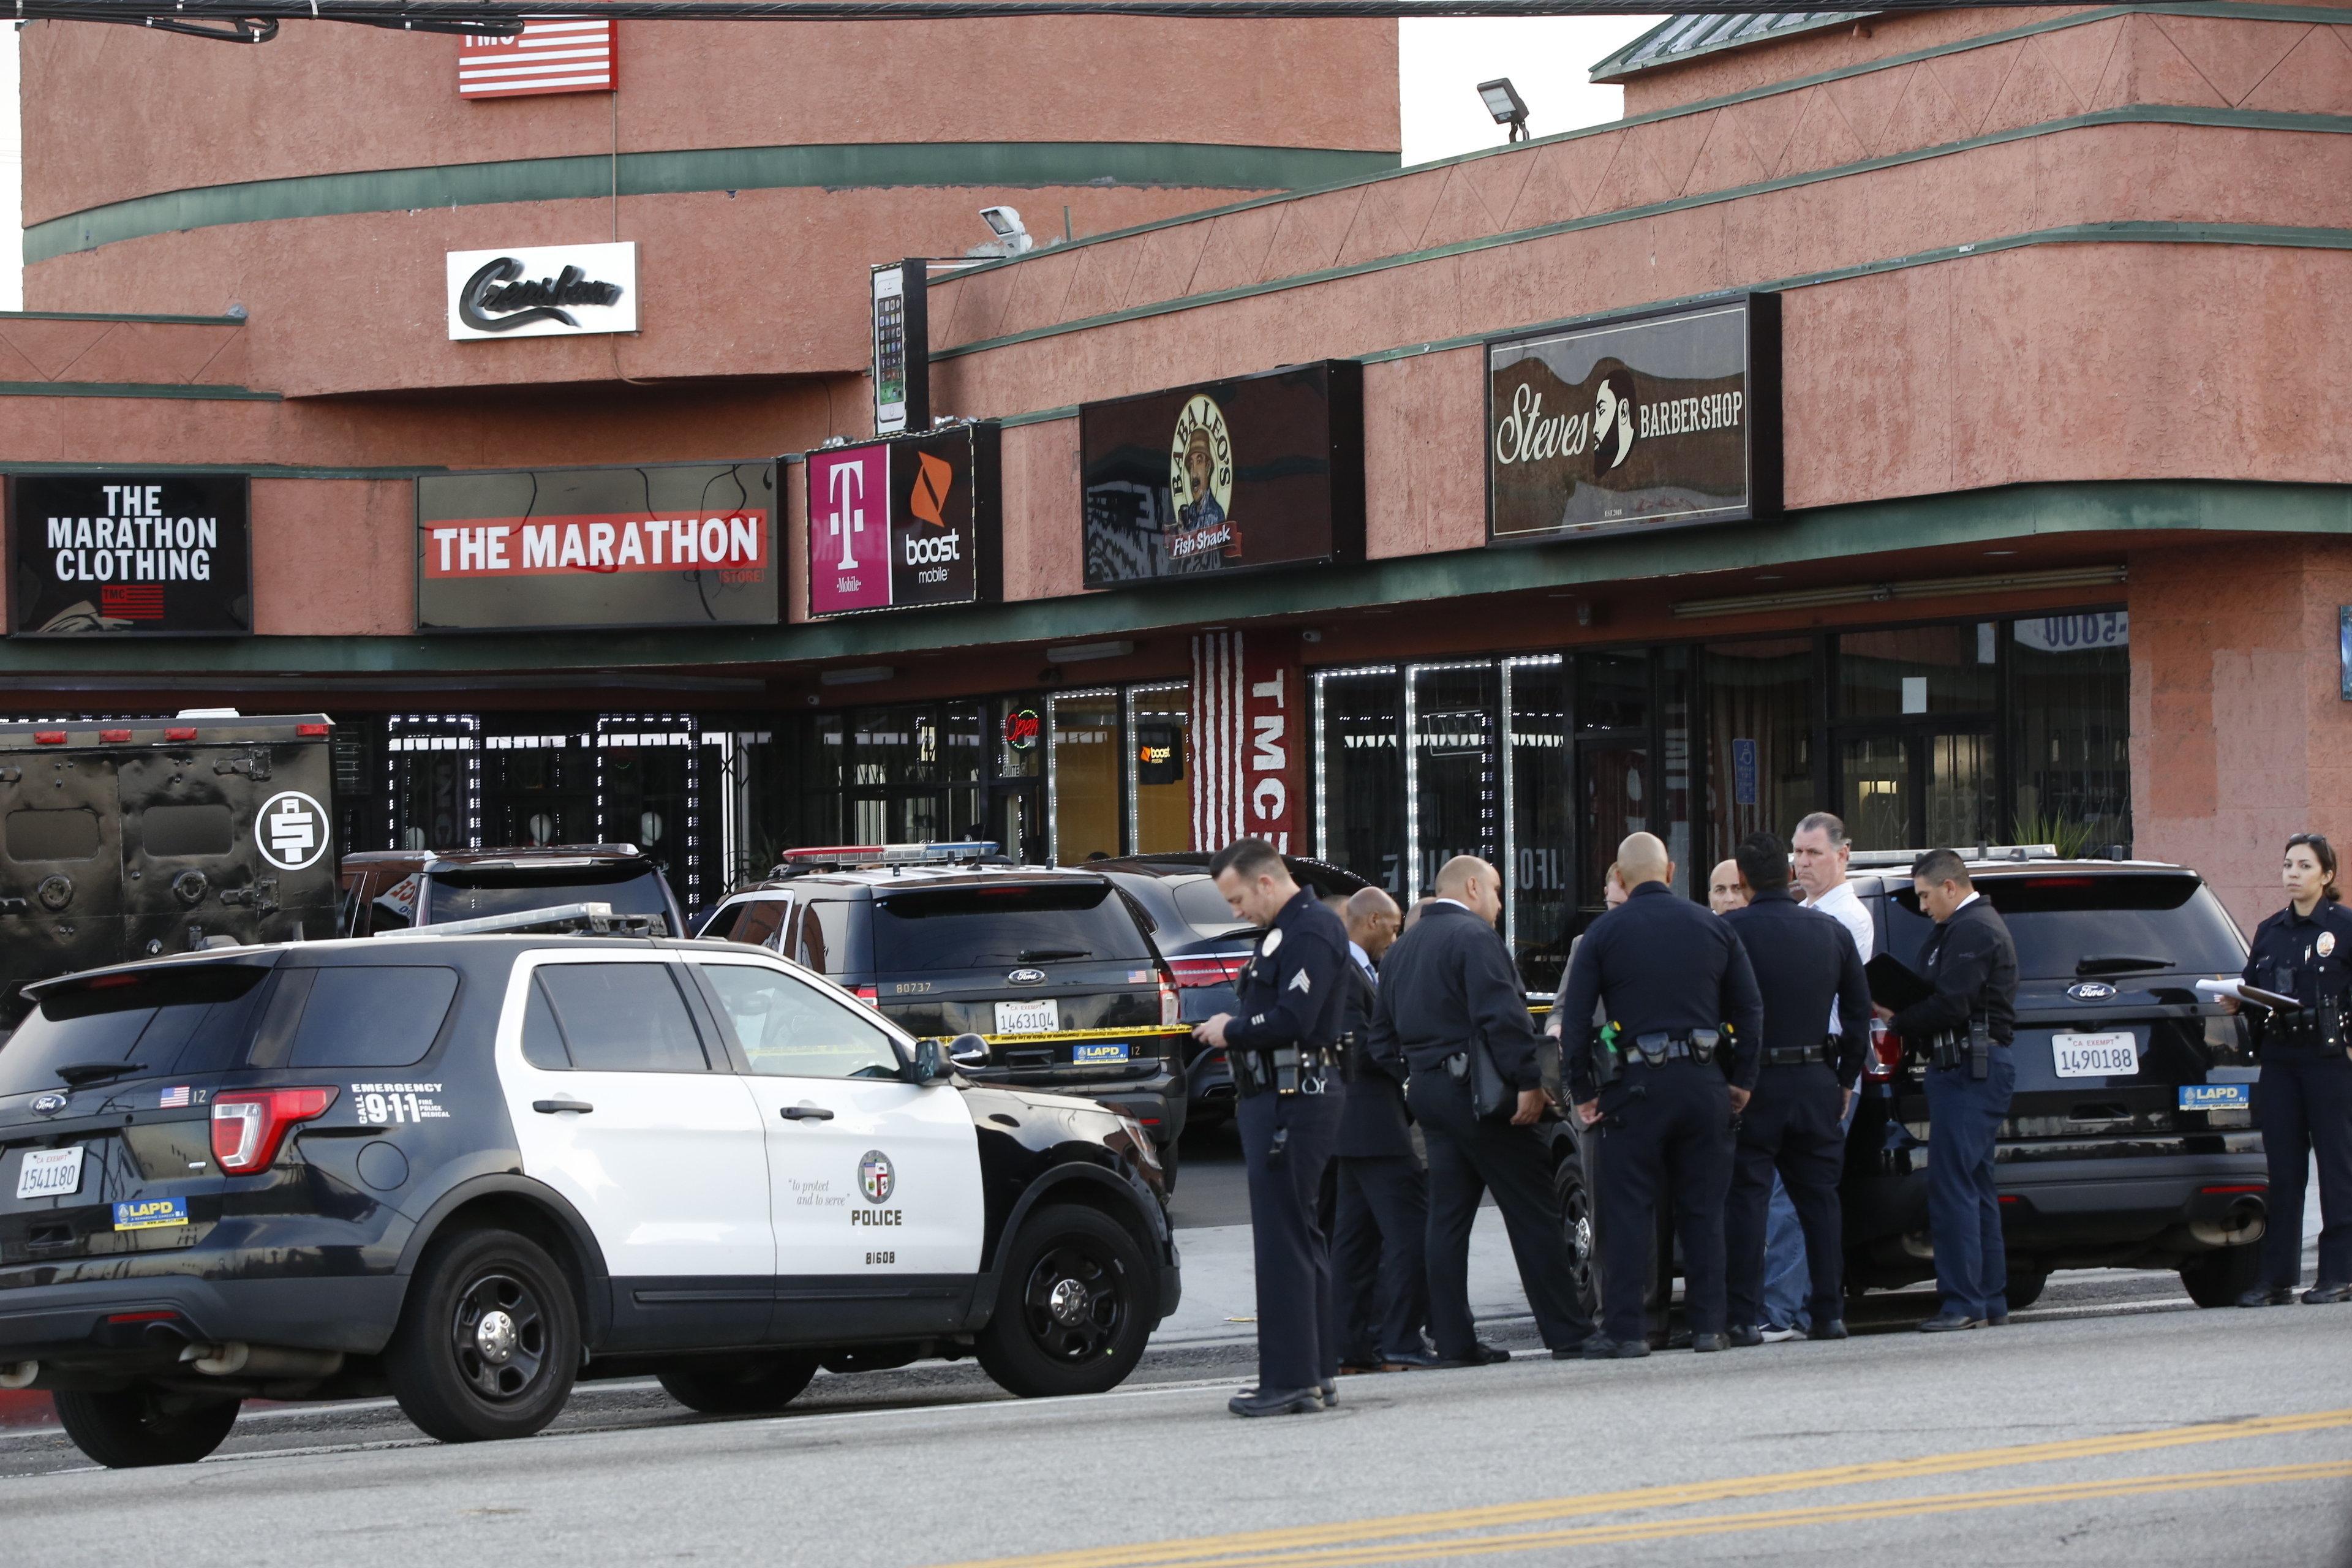 Policías se congregan alrededor de la tienda Marathon Clothing del rapero Nipsey Hussle en Los Angeles, el domingo 31 de marzo del 2019. Hussle, un respetado rapero nominado este año al Grammy, fue asesinado a tiros el domingo. Tenía 33 años. (AP Foto/Damian Dovarganes)